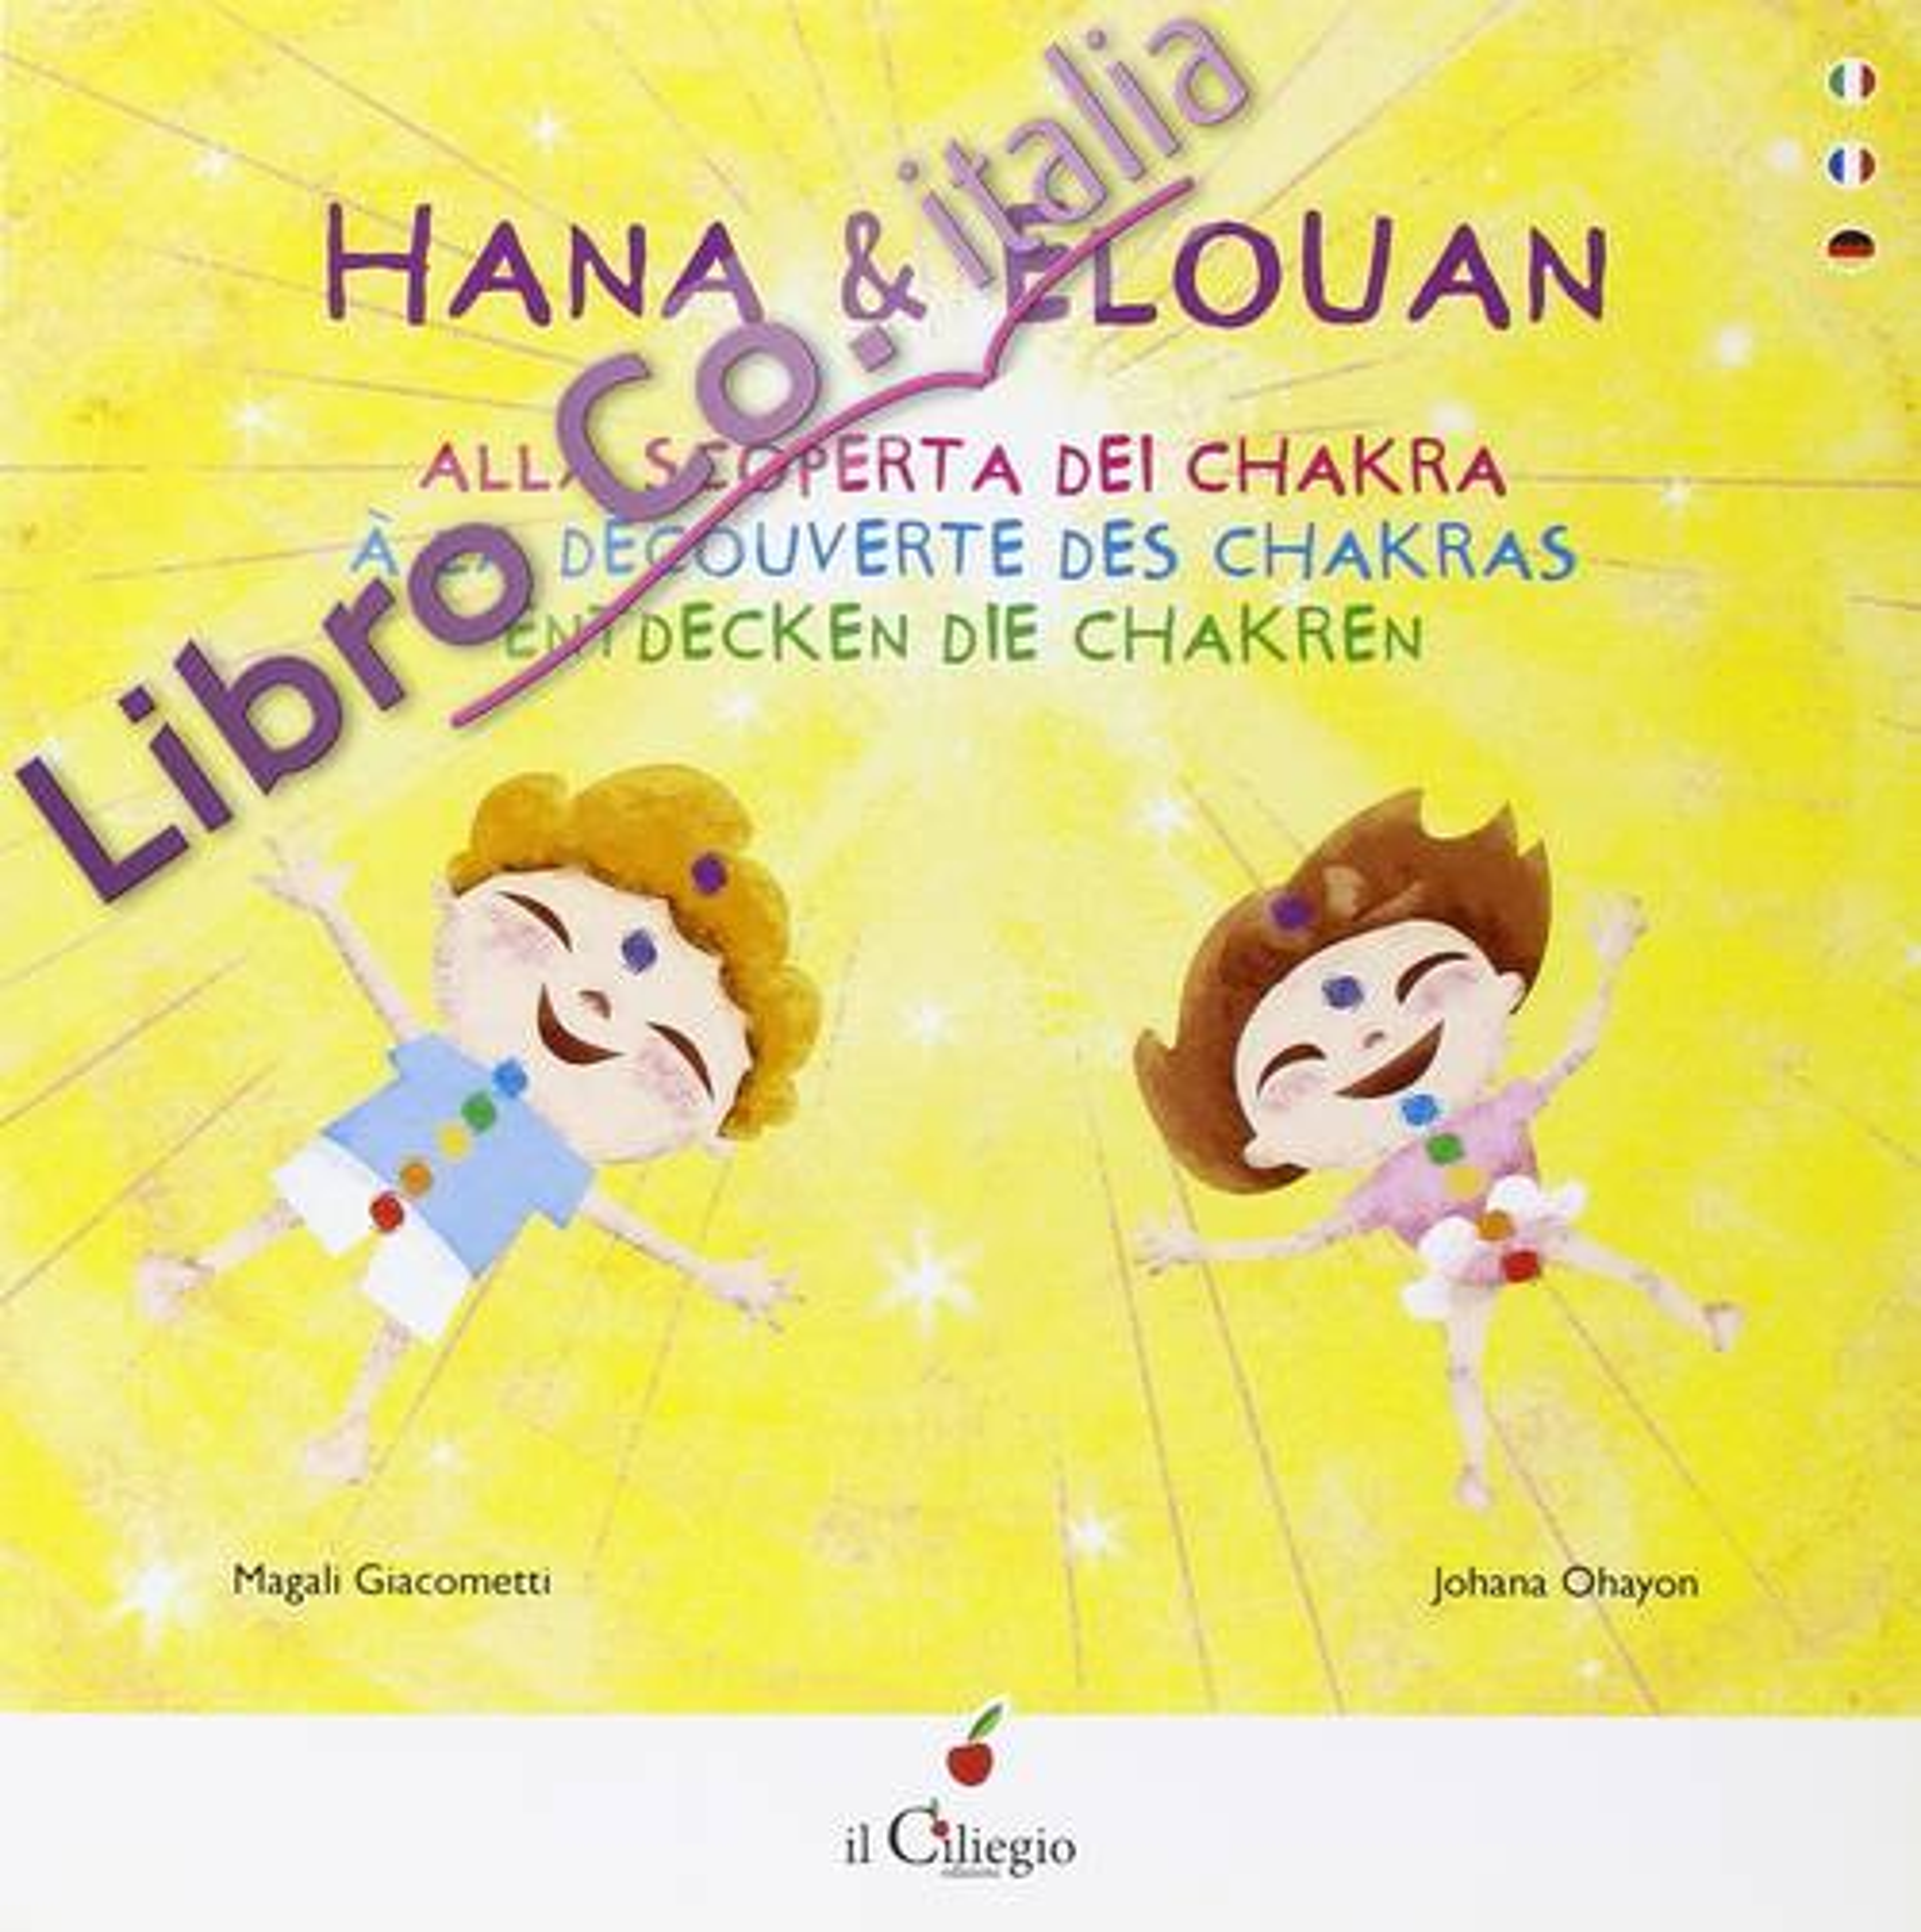 Hana & Elouan. Alla Scoperta dei Chakra